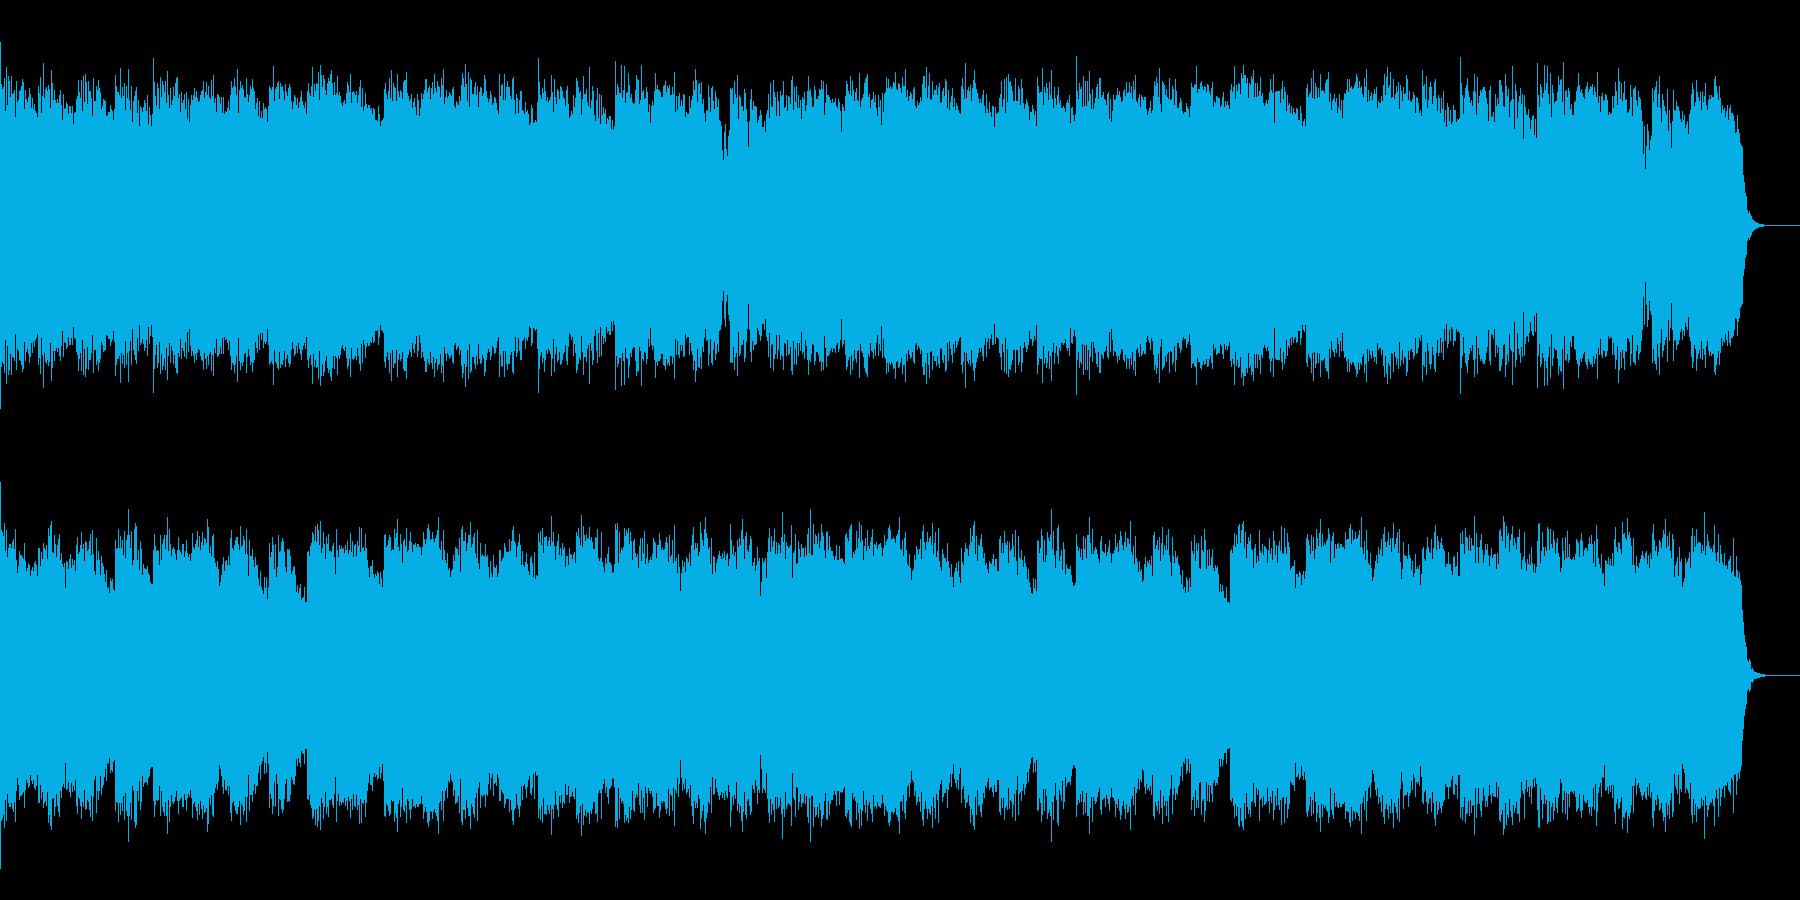 サイレントヒル風 ホラー ノイズの再生済みの波形